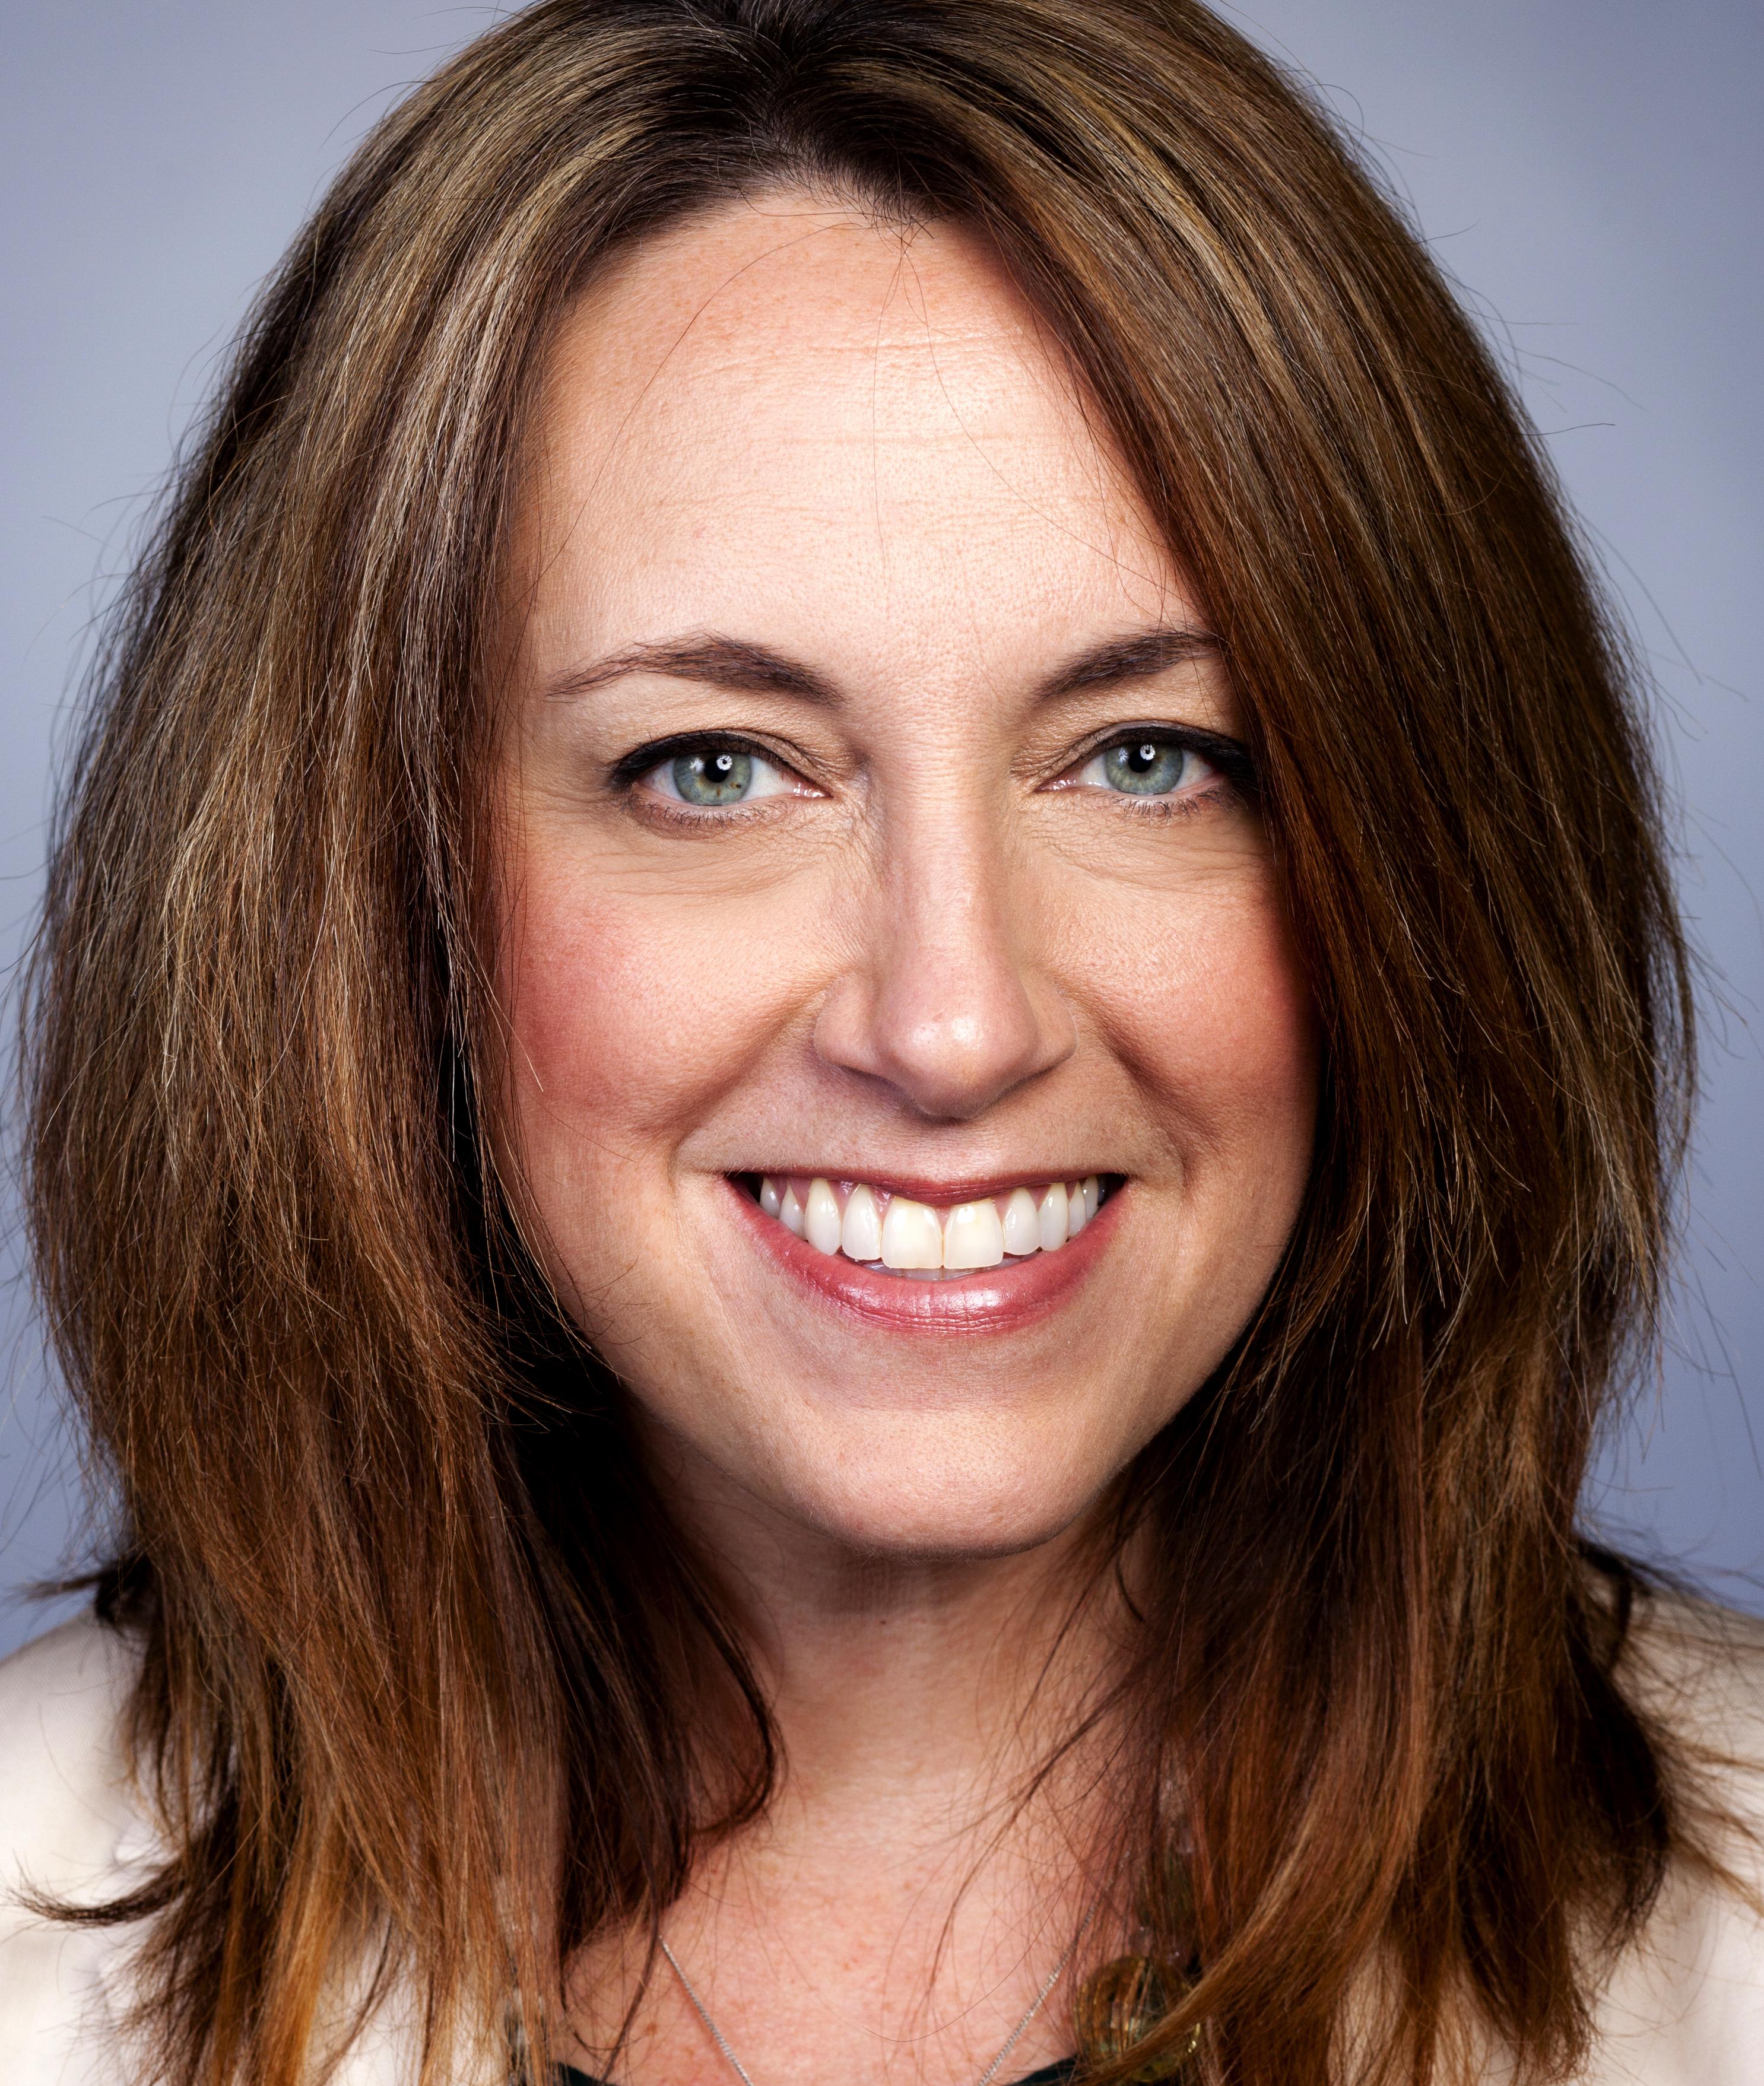 Kelly Stoetzel